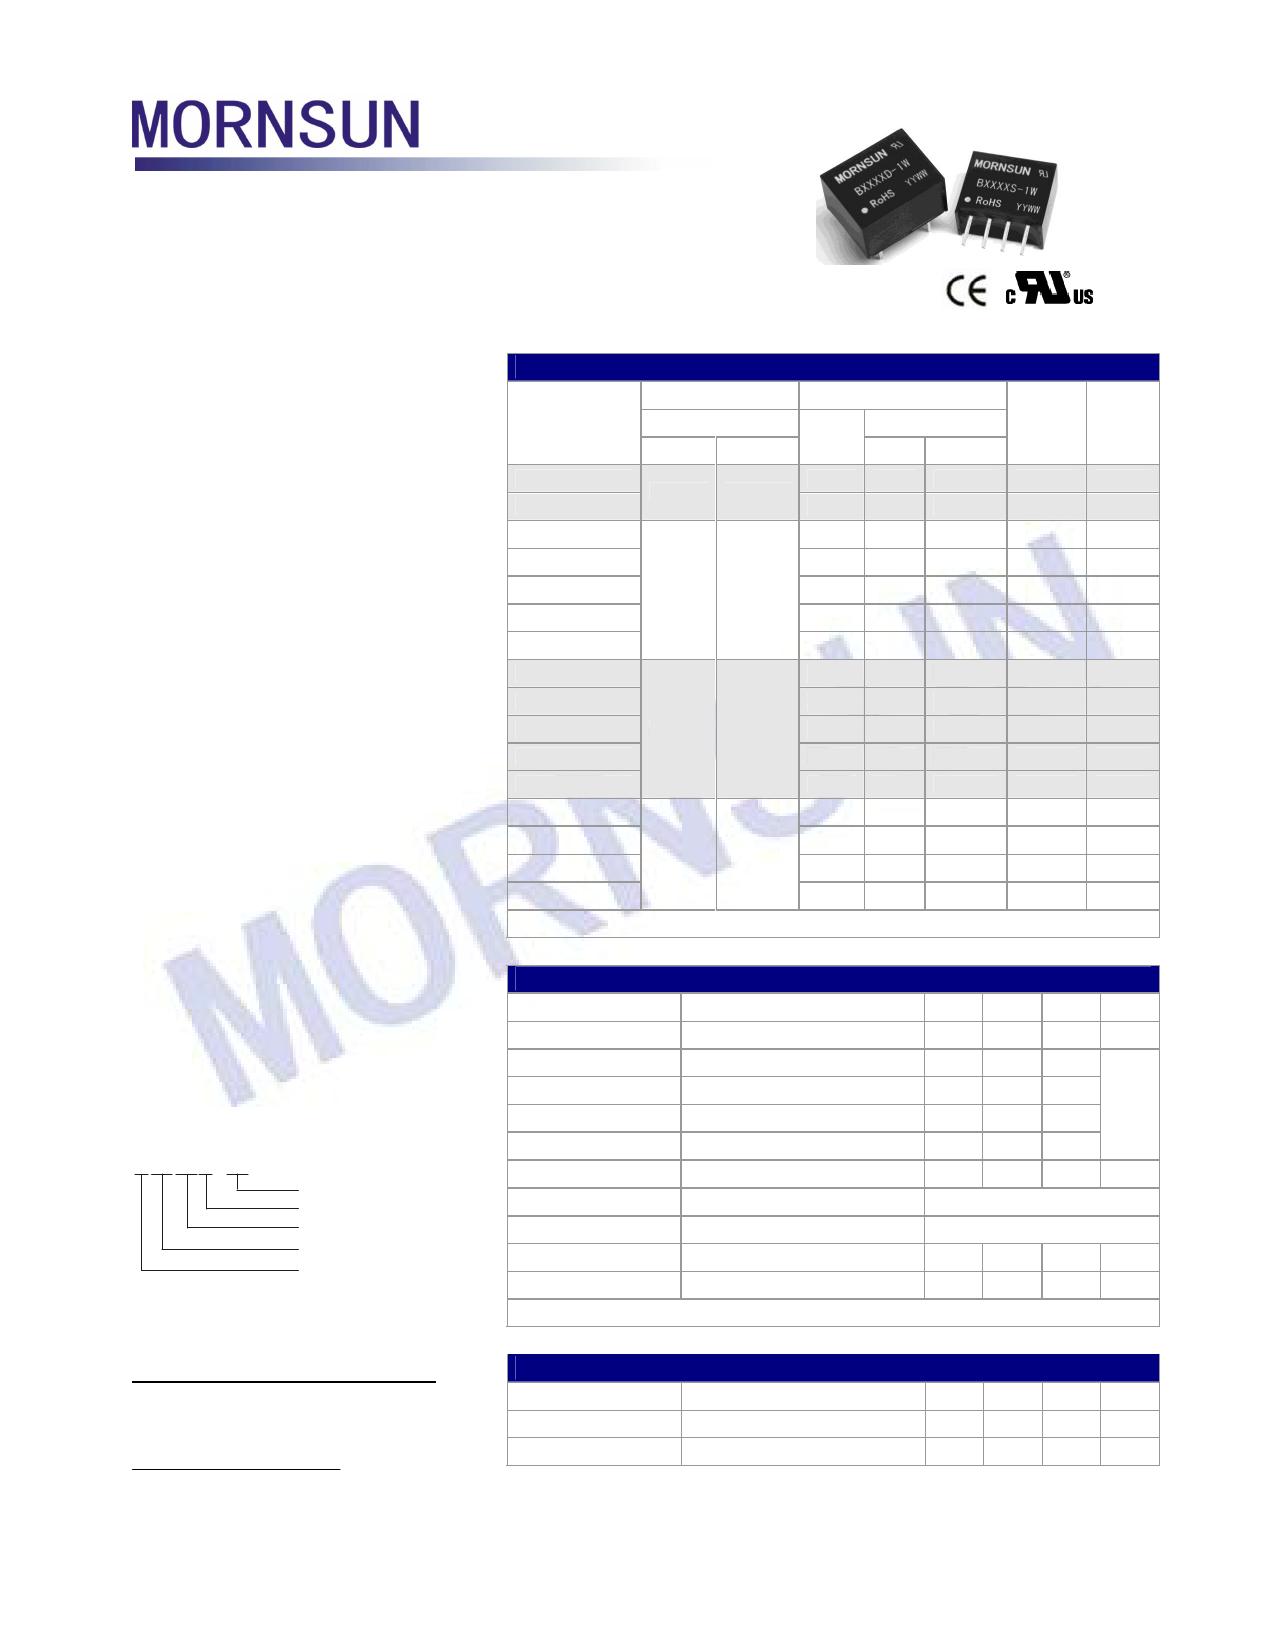 B0505S-1W 데이터시트 및 B0505S-1W PDF